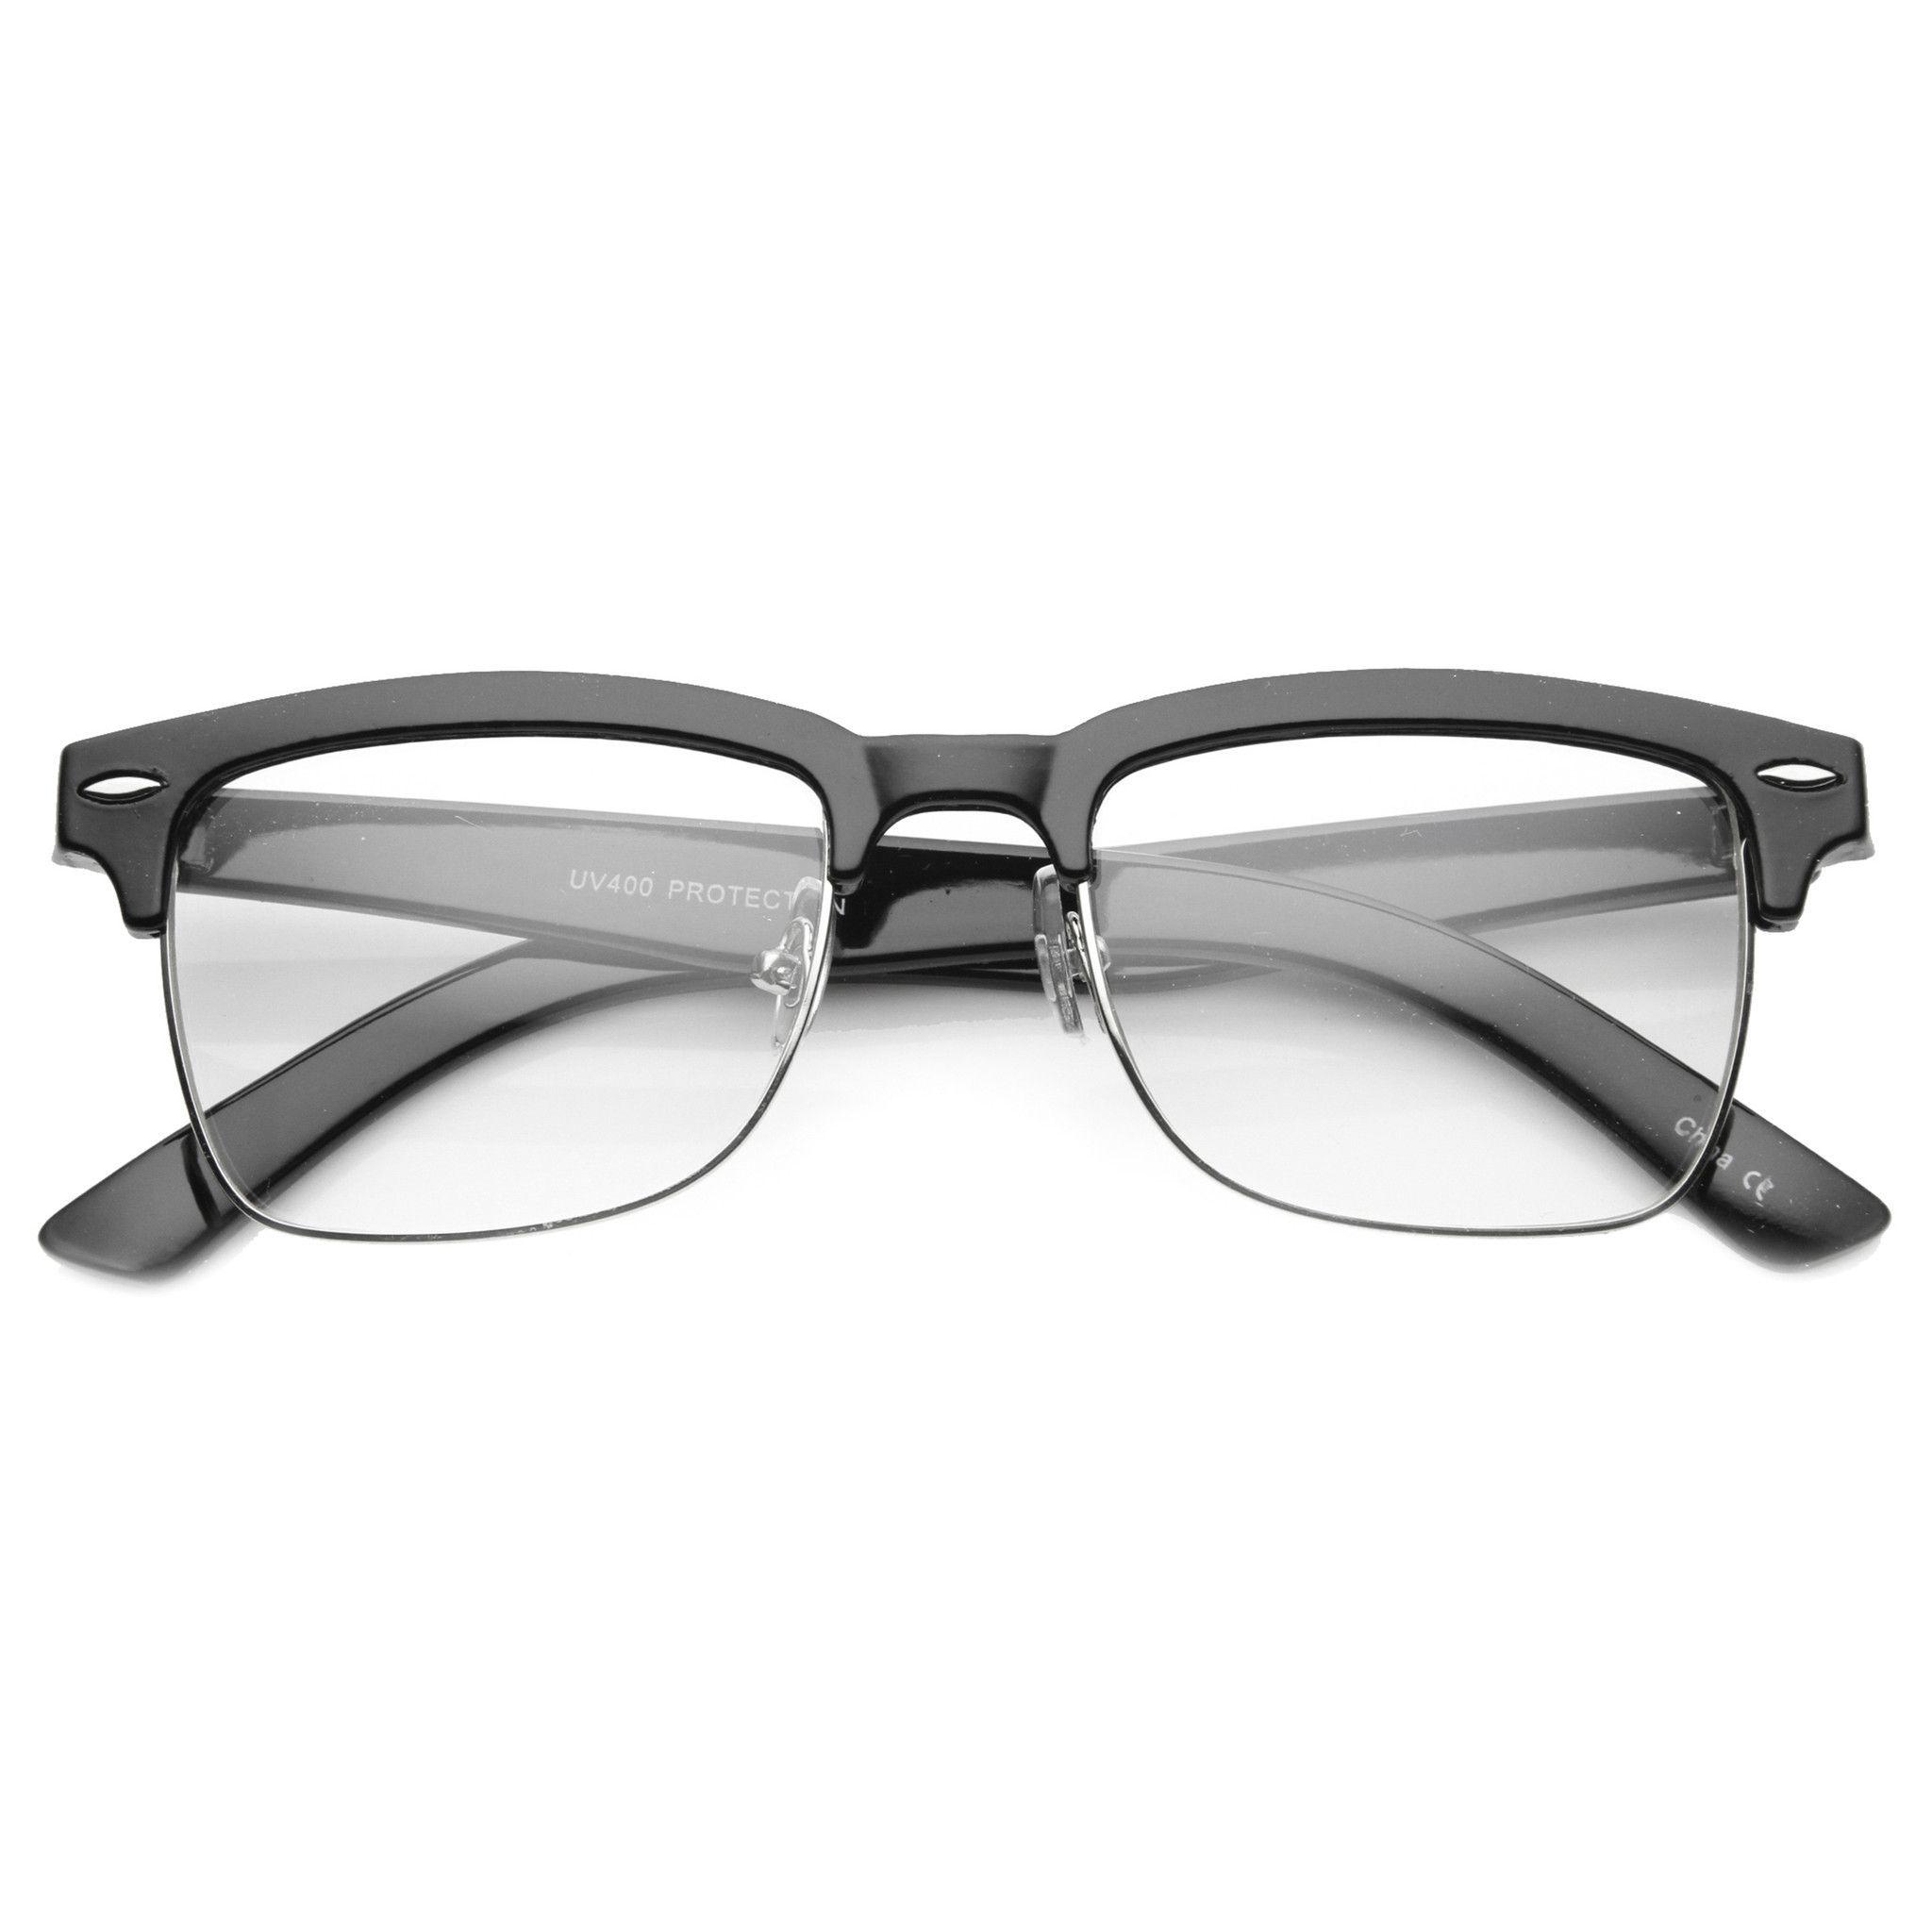 d20c750dfd Vintage Hipster Dapper Indie Half Frame Clear Lens Glasses 9810 ...